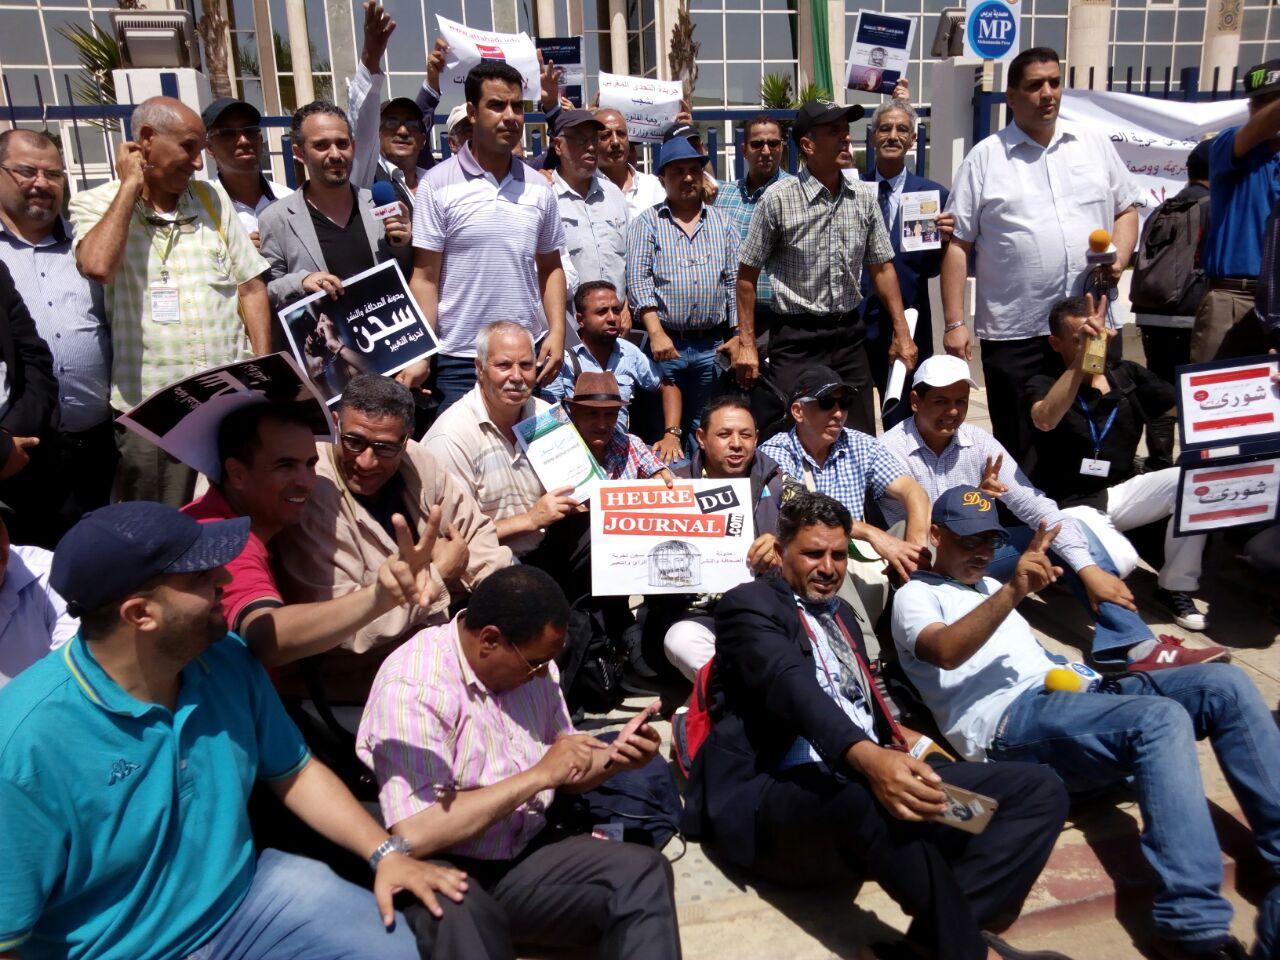 صحافيو ومدراء المواقع الإلكترونية يحتجون على الأعرج والوزير يتجاوب